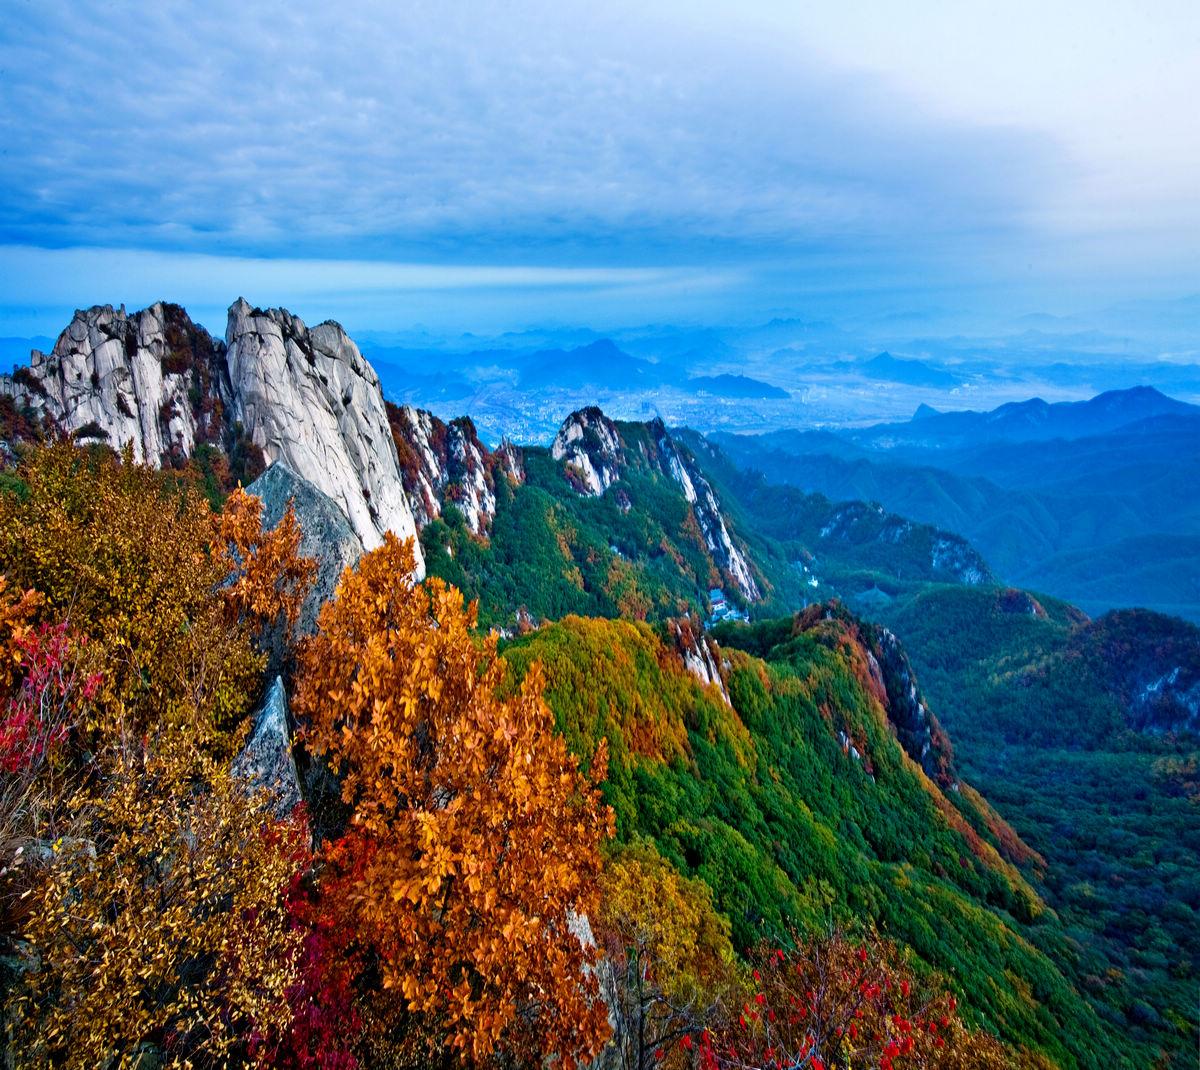 桃源仙谷自然风景区需要爬山吗?(有老人)谢谢了